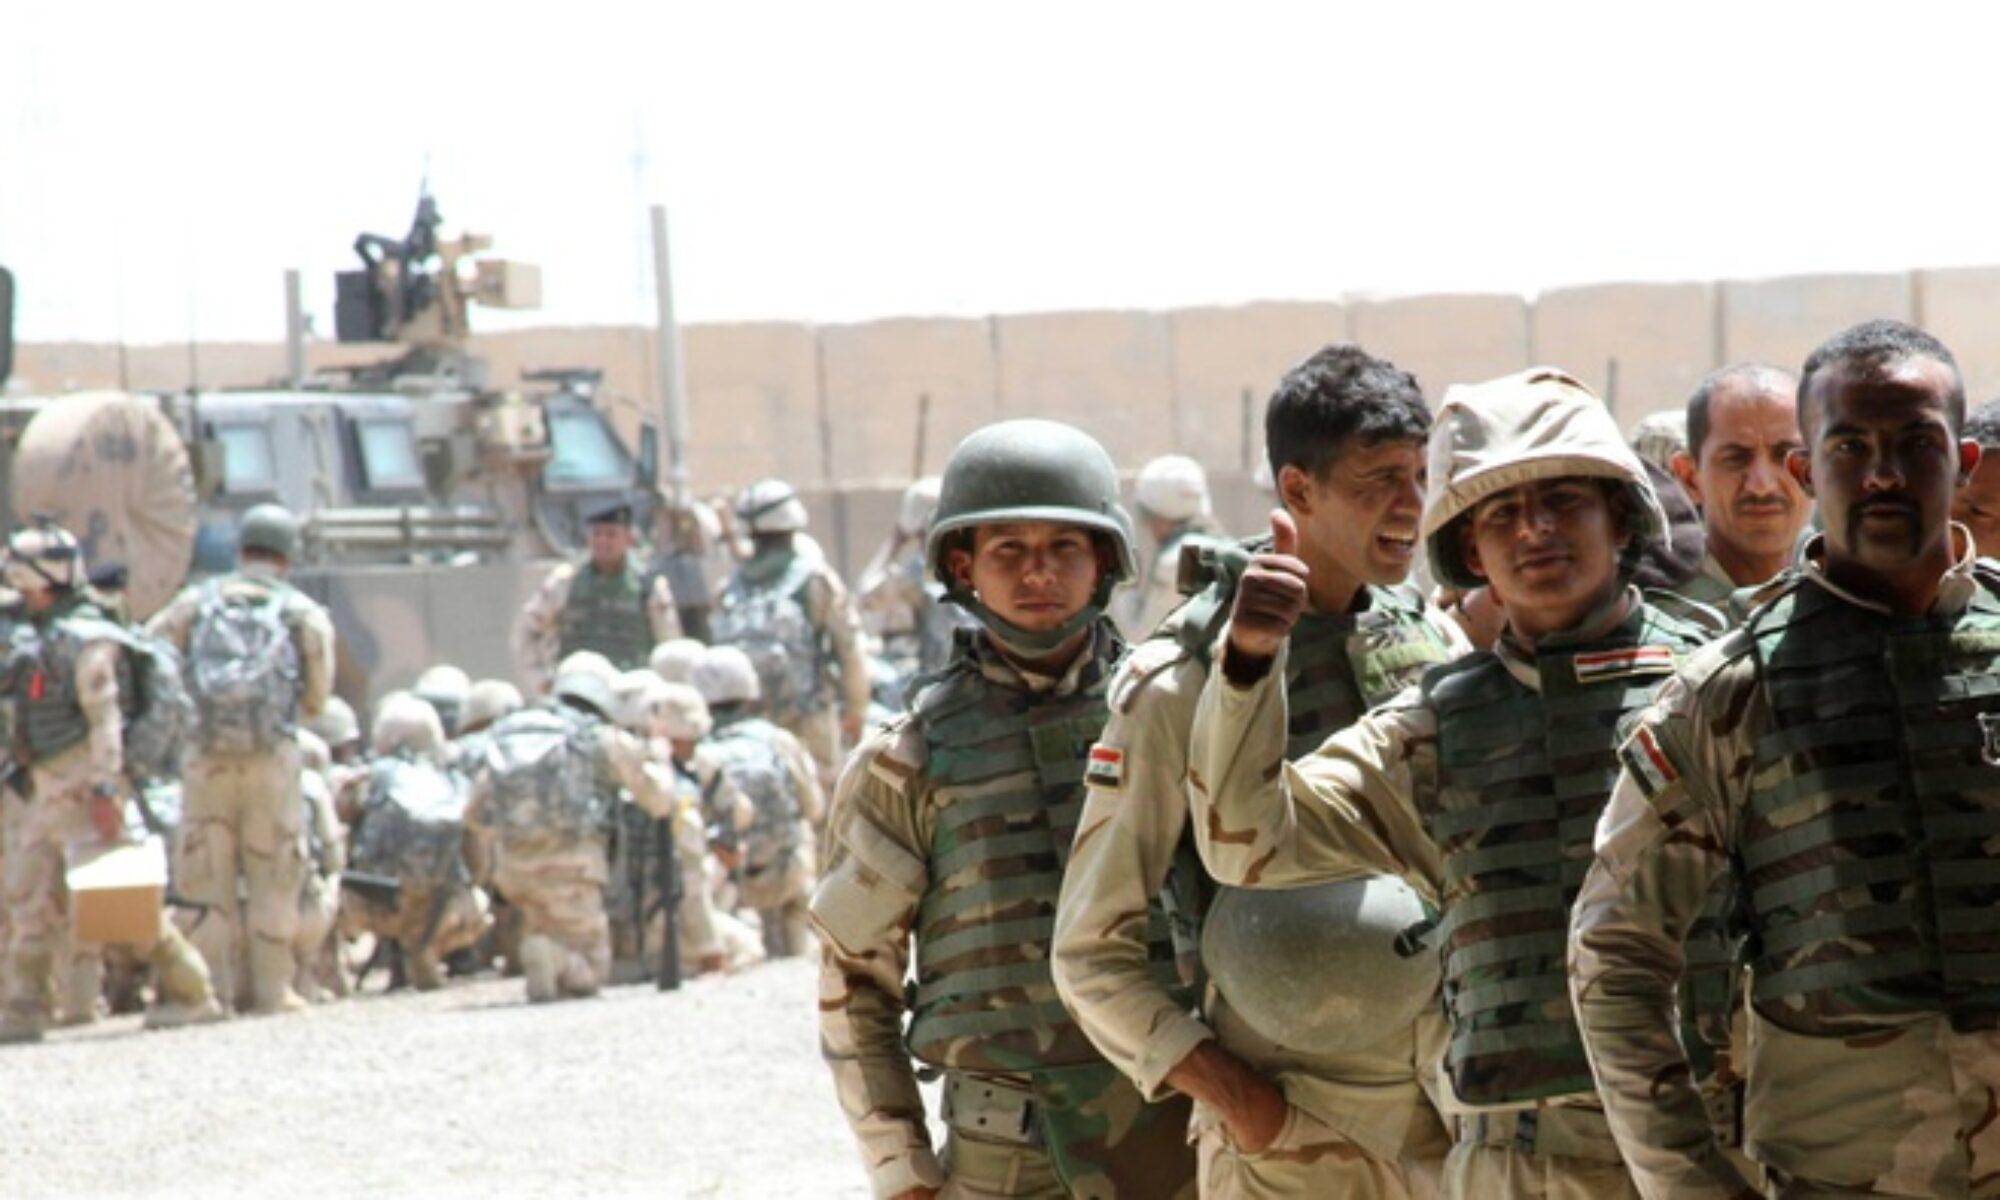 ABD Ordusu 1.Stryker Muhabere Tugayını Erbil ve Ayn el-Esed'e gönderiyor